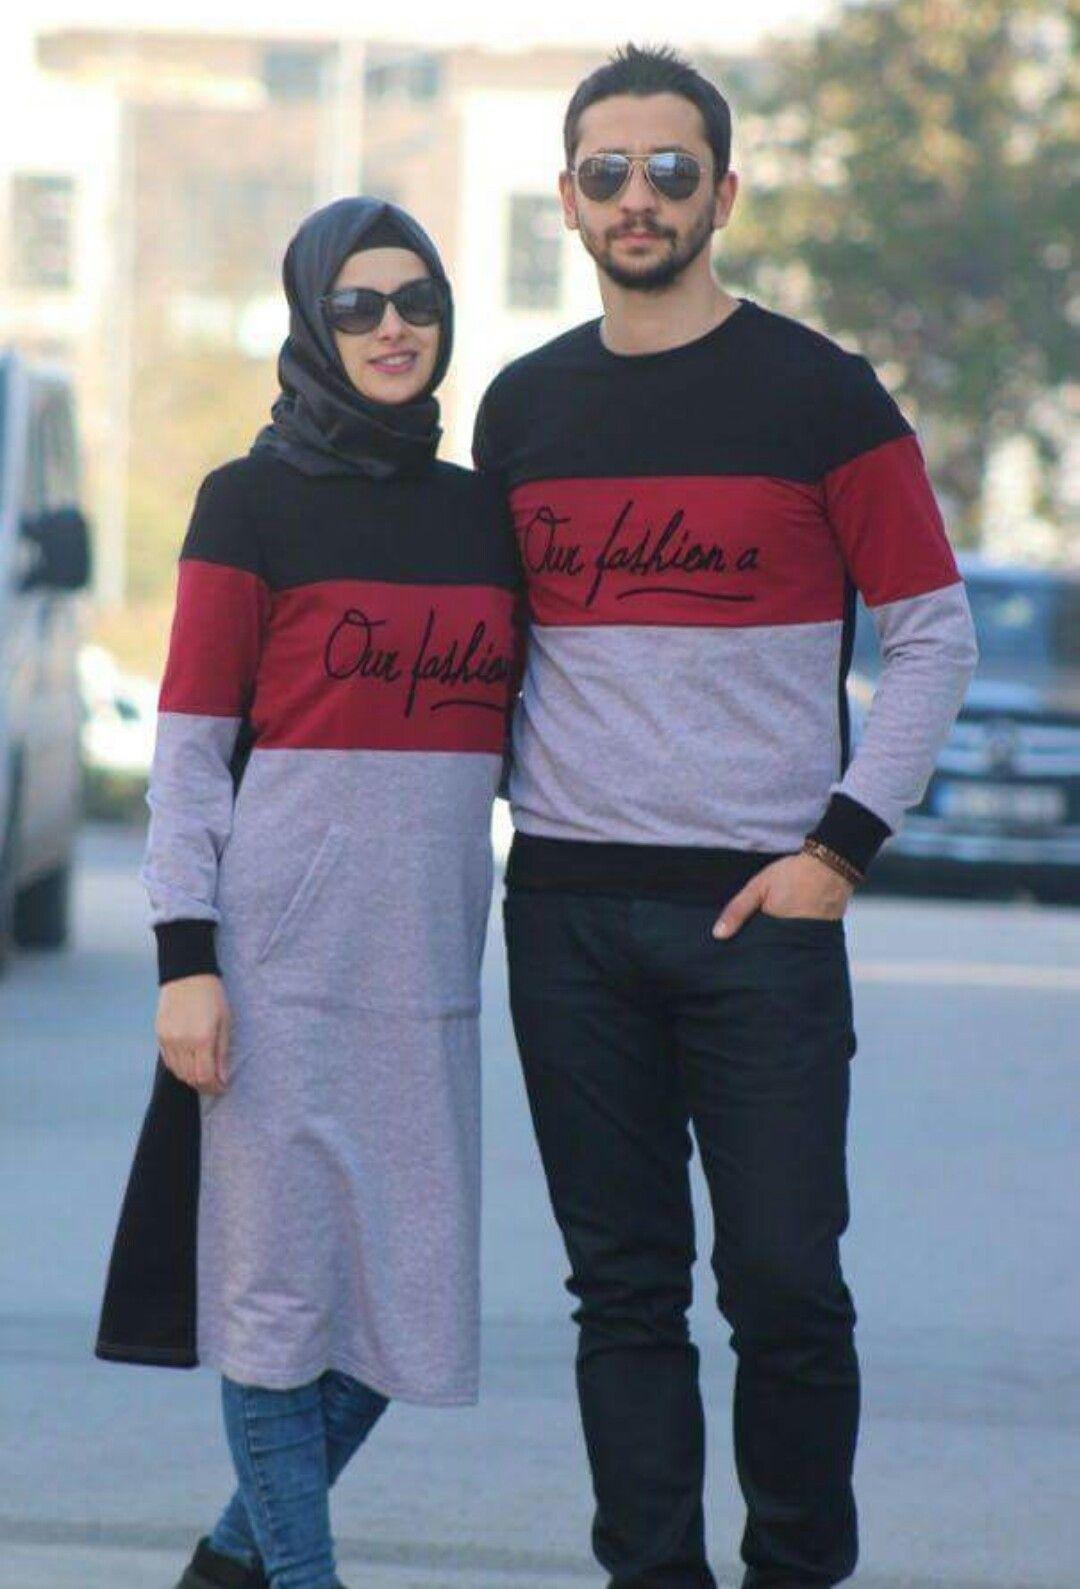 e7c3c0c814 Dawar Siddiqui Matching Couple Outfits, Matching Couples, Cute Couples,  Muslim Couples, Muslim